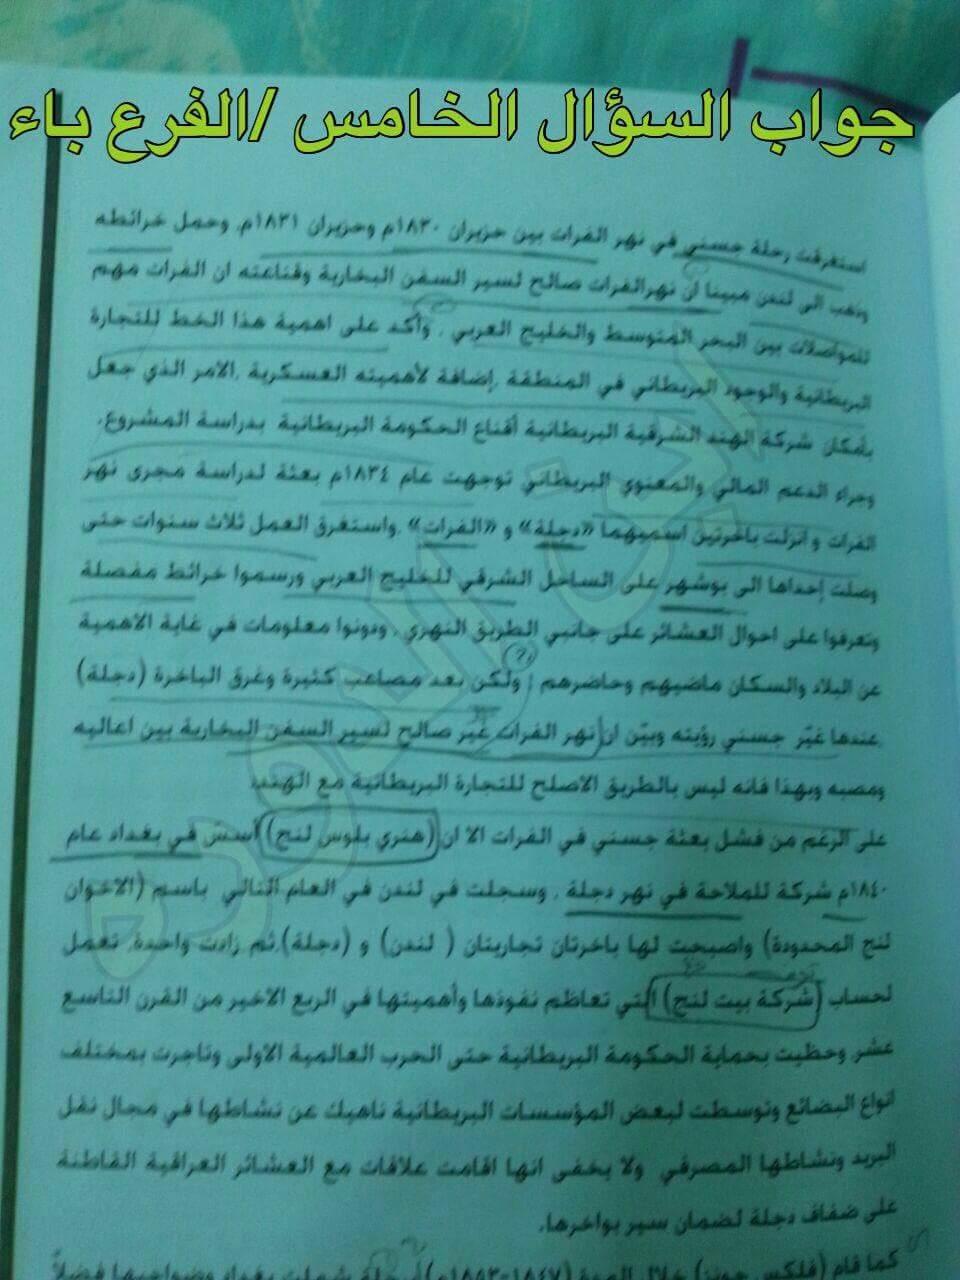 اجوبة وتصحيح التاريخ للسادس الاعدادي الادبي الدور الاول 2016 349